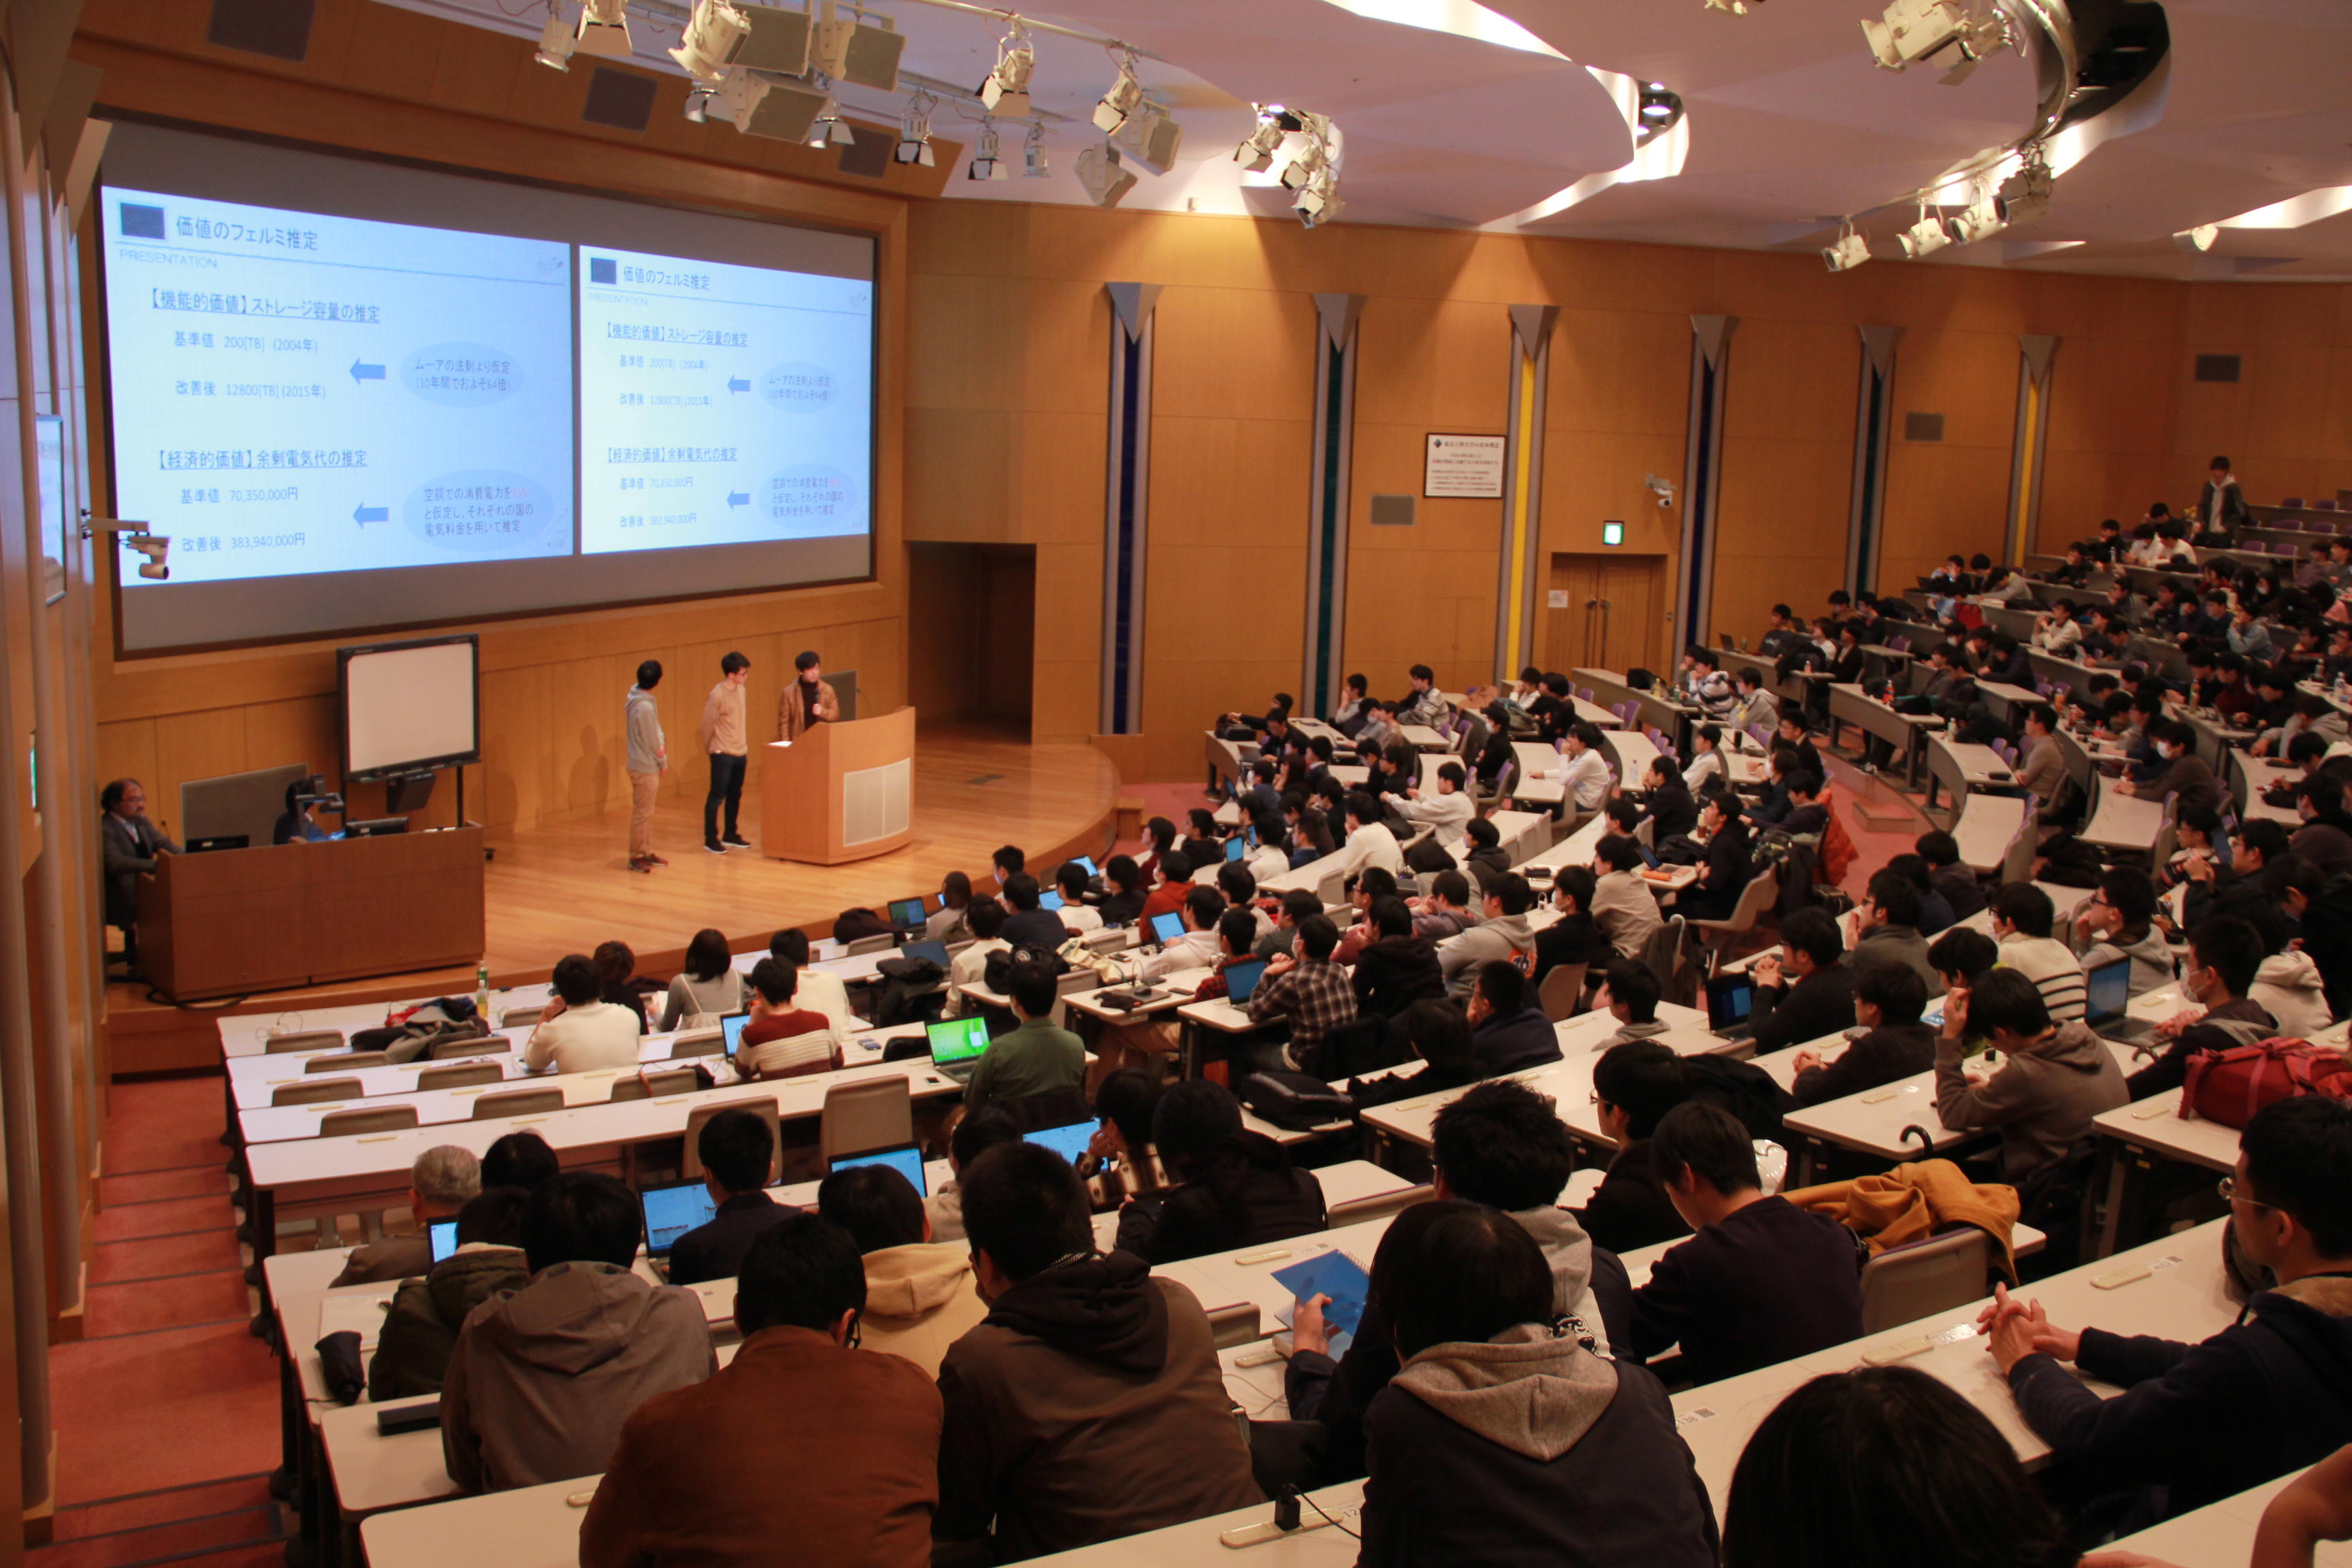 持続可能な社会の実現へ。技術背景の異なる''3学科合同''のPBL 「サステイナブル工学プロジェクト演習」最終発表会  -- 東京工科大学工学部